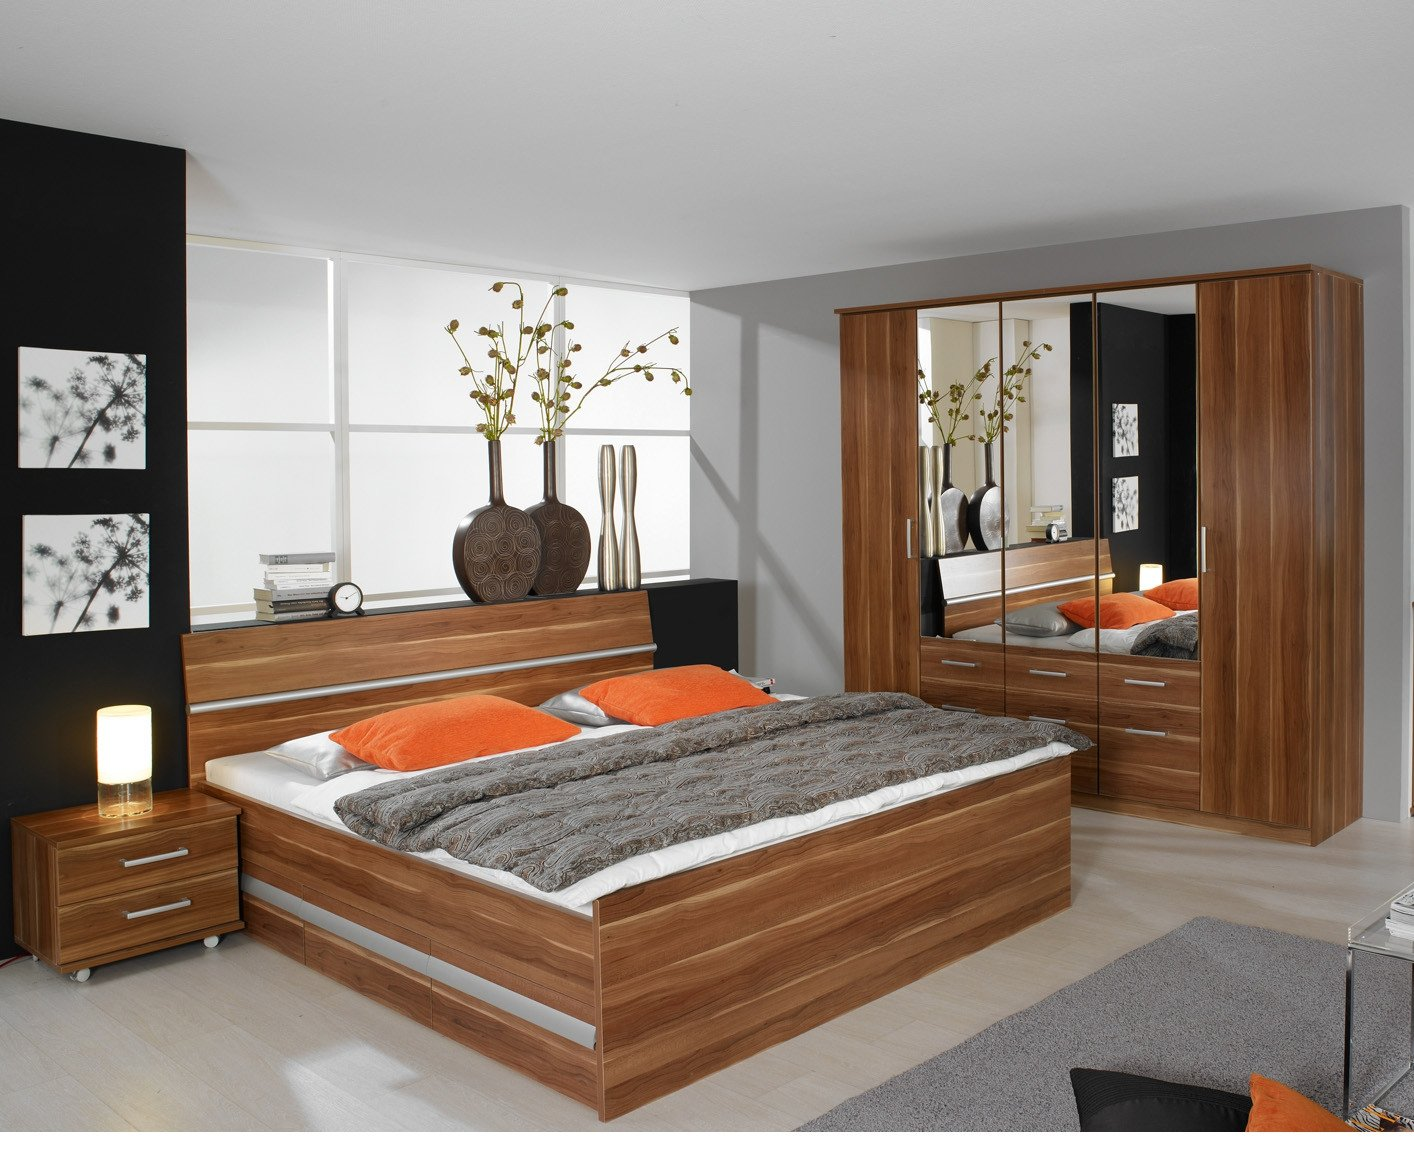 Schlafzimmer komplettset Kernnuss Dekor günstig